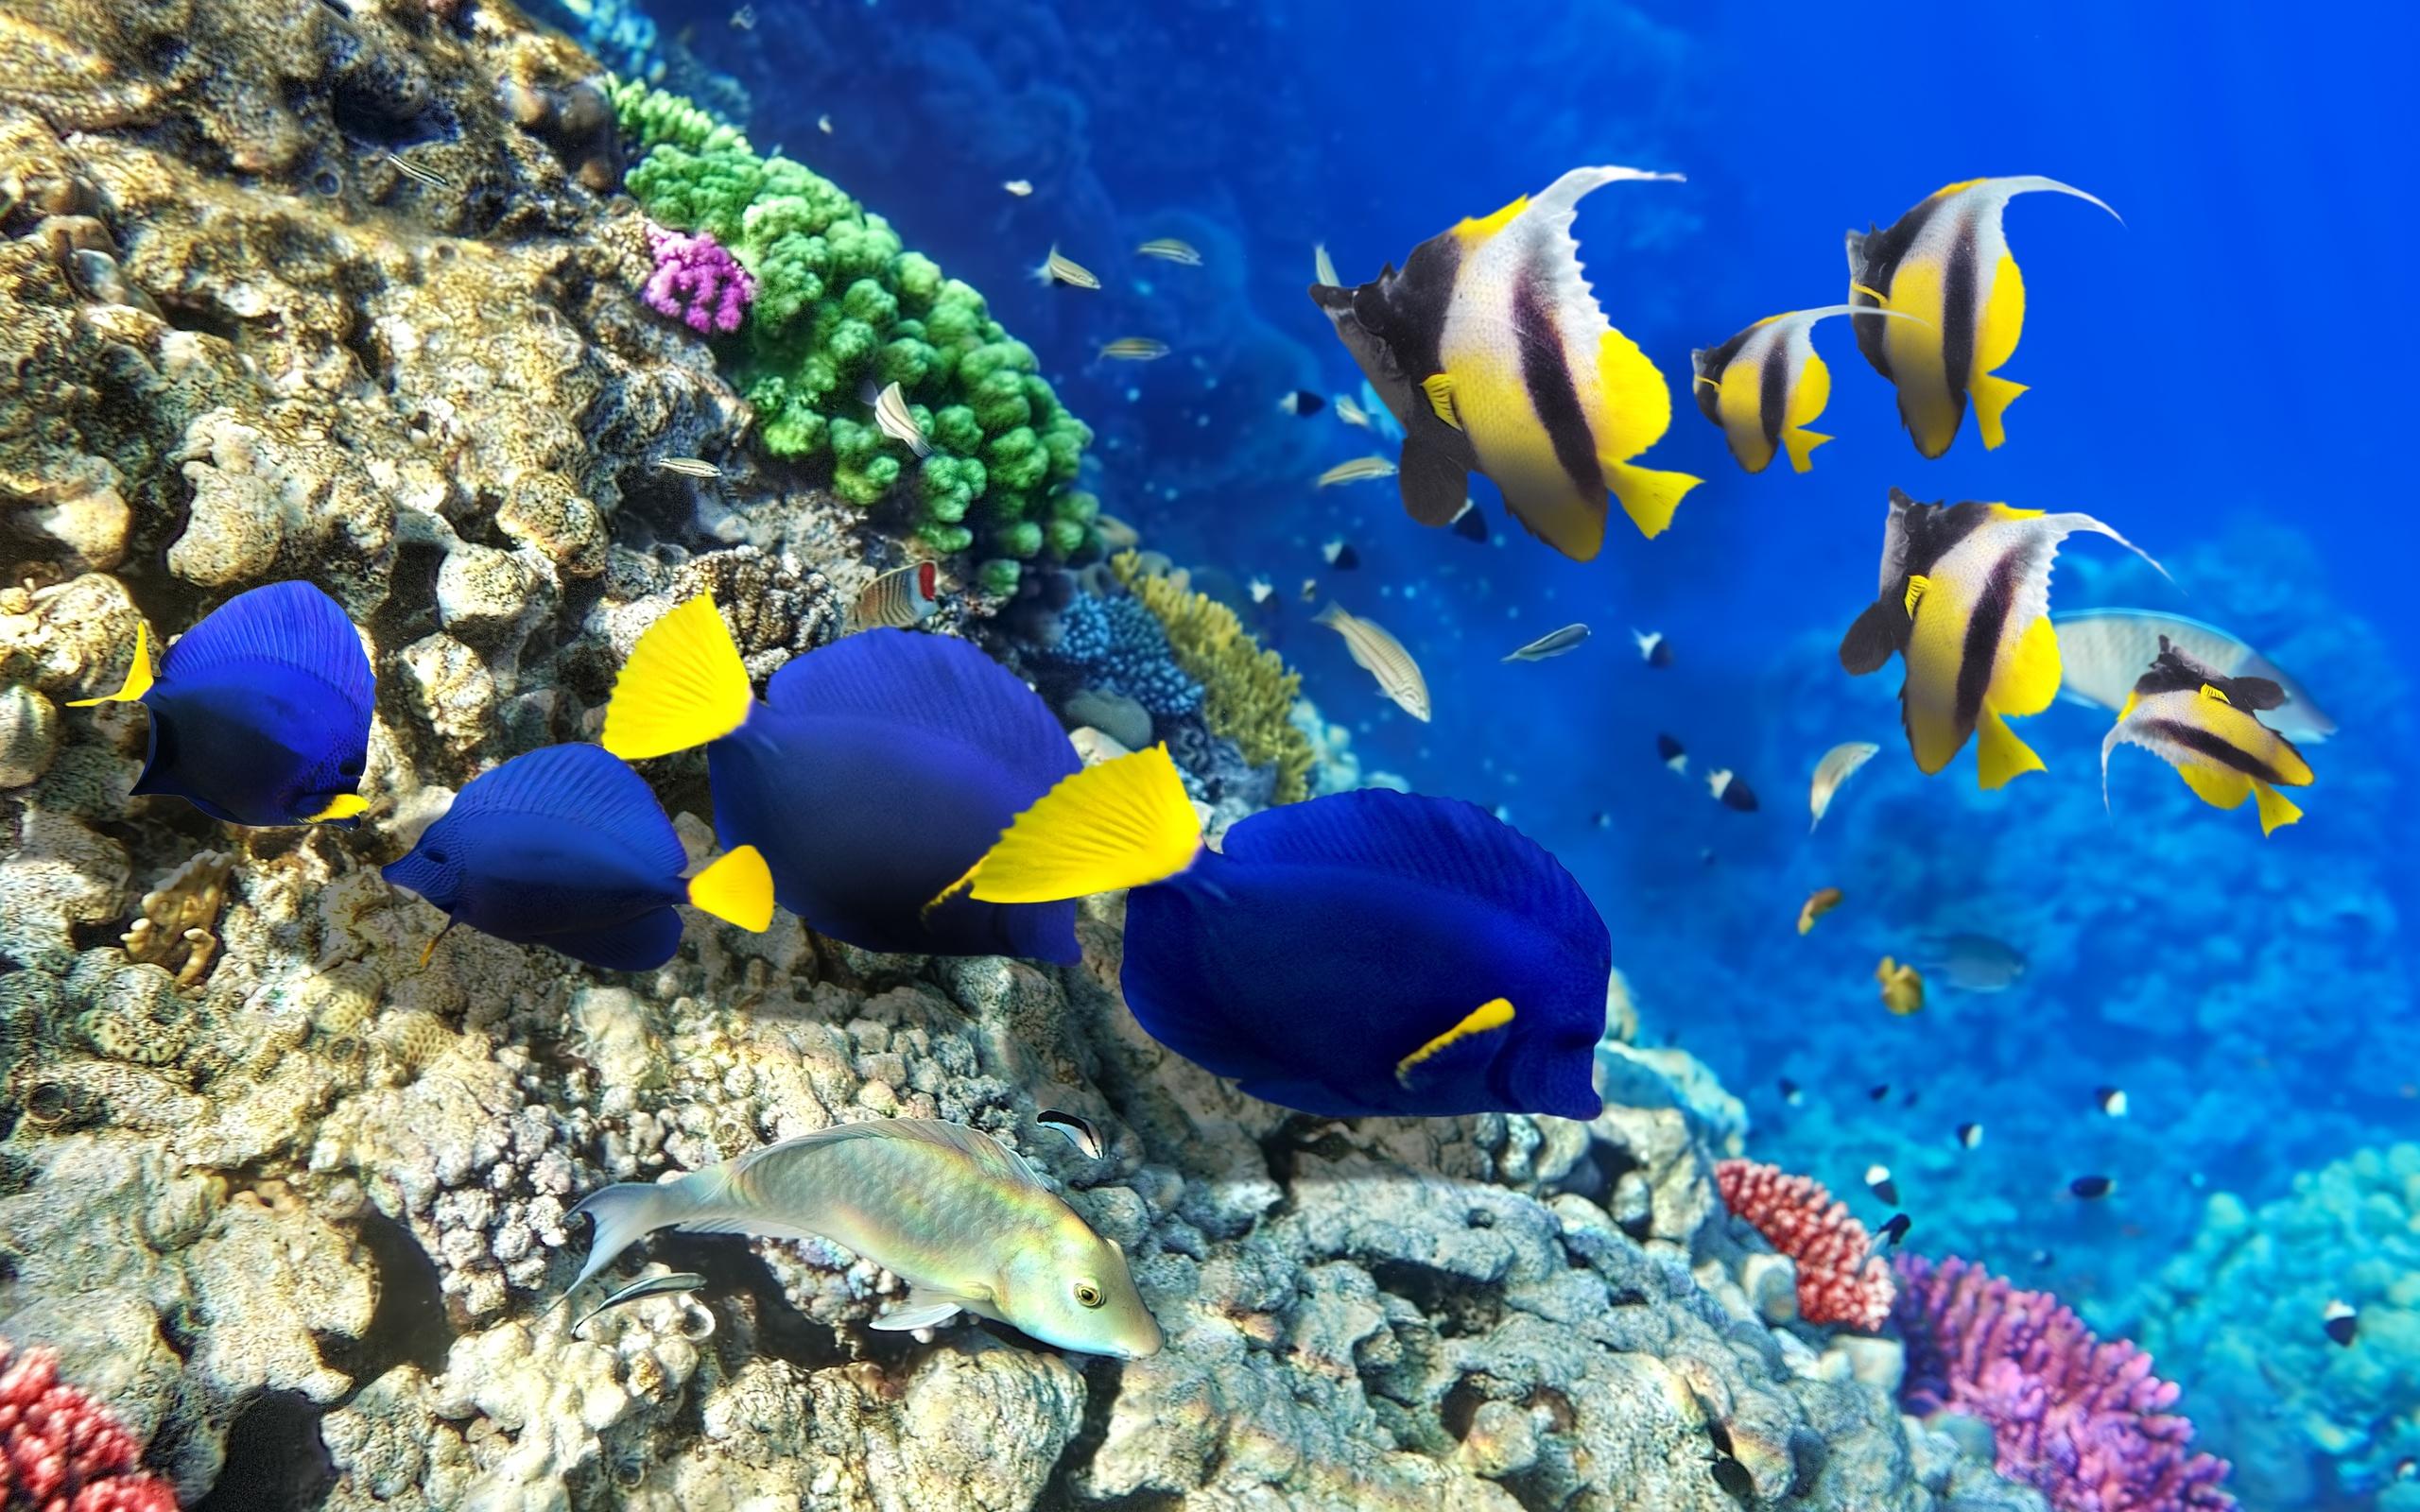 картинки дна океана с рыбками старинных